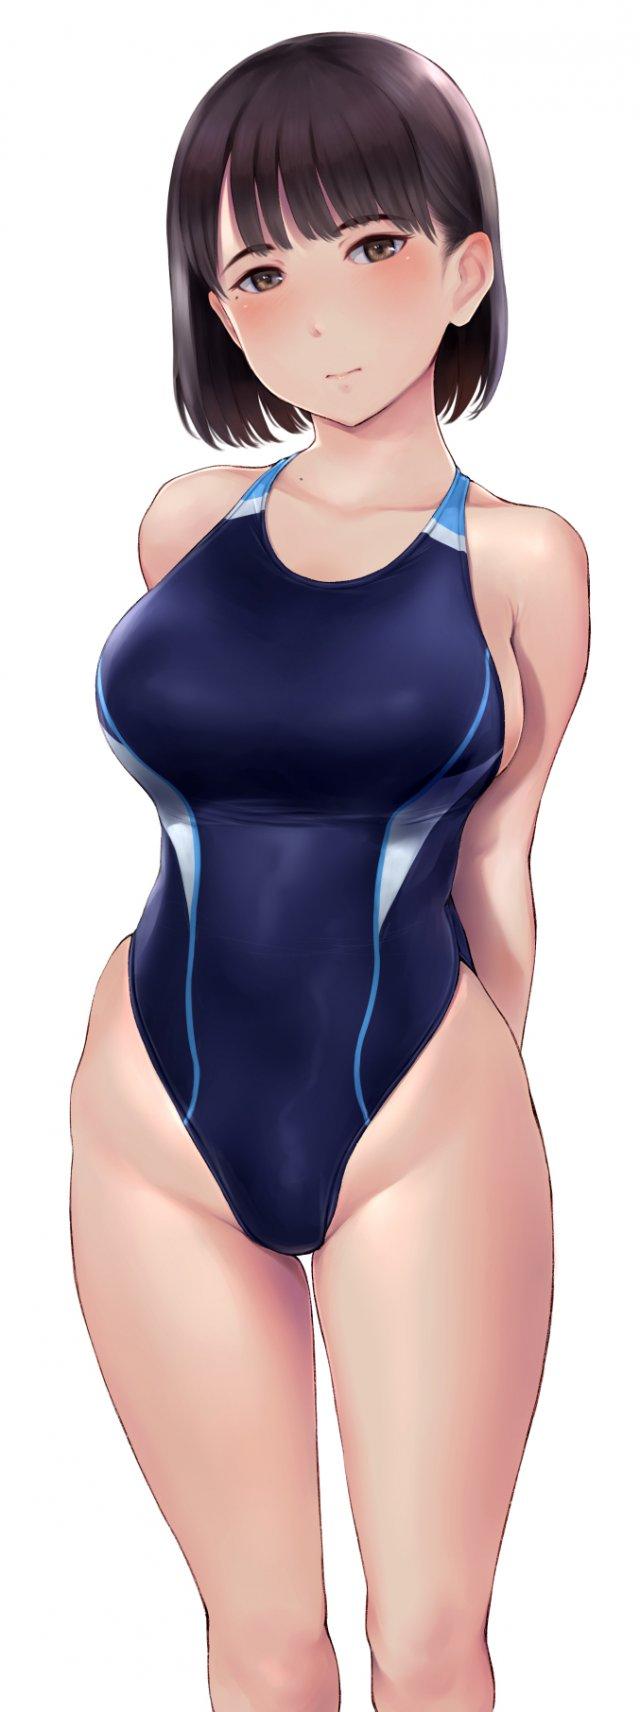 【二次】競泳水着を着た女の子の画像 その2